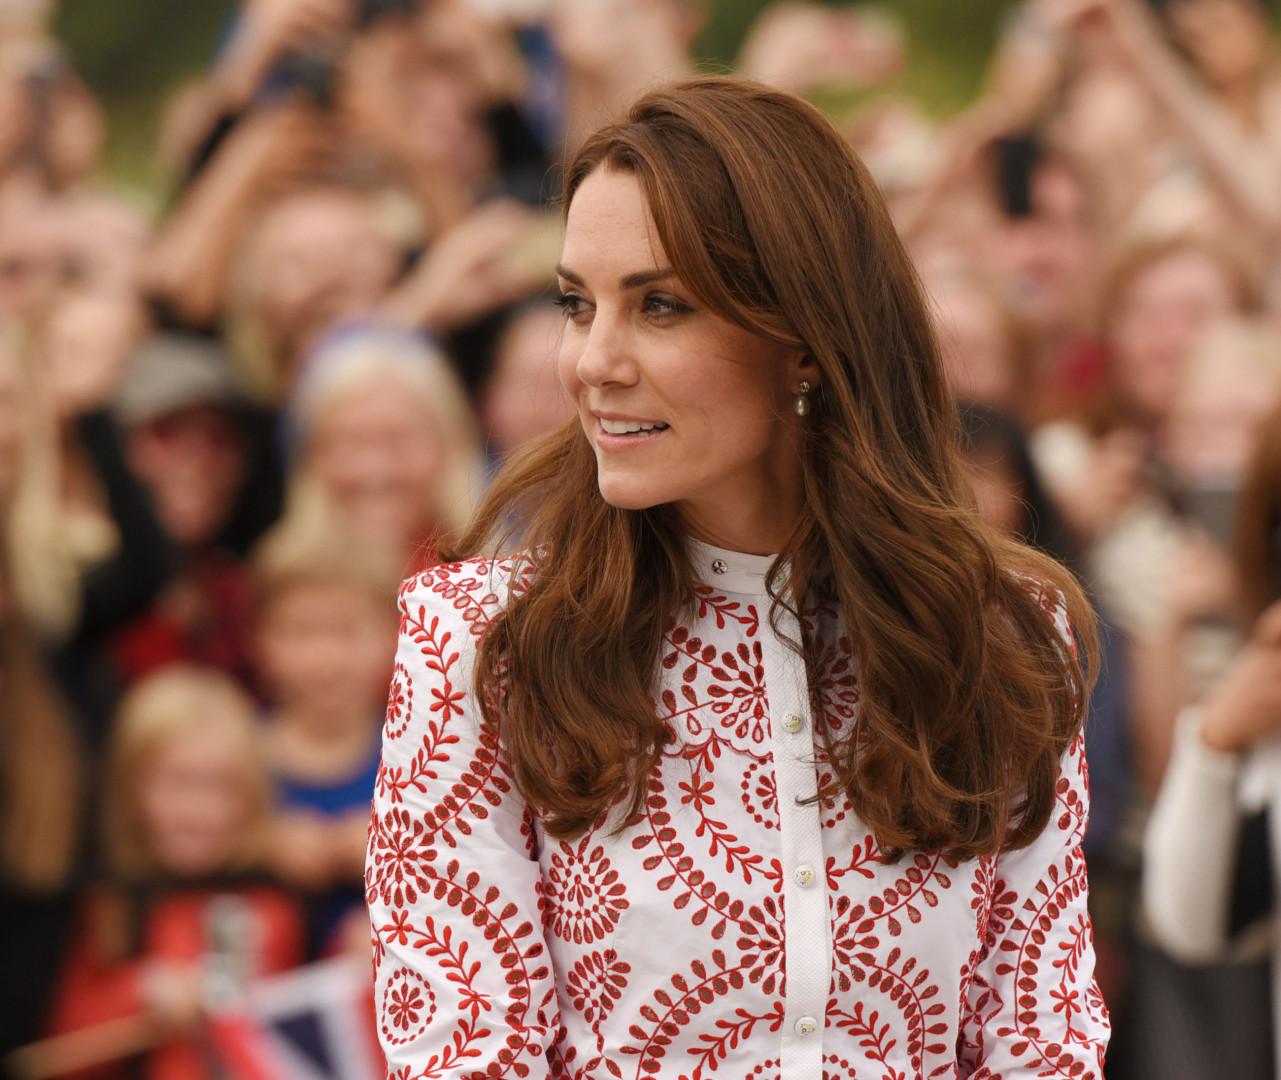 Le 25 septembre à Vancouver, Kate Middleton s'est parée de sa plus belle tenue aux couleurs du Canada